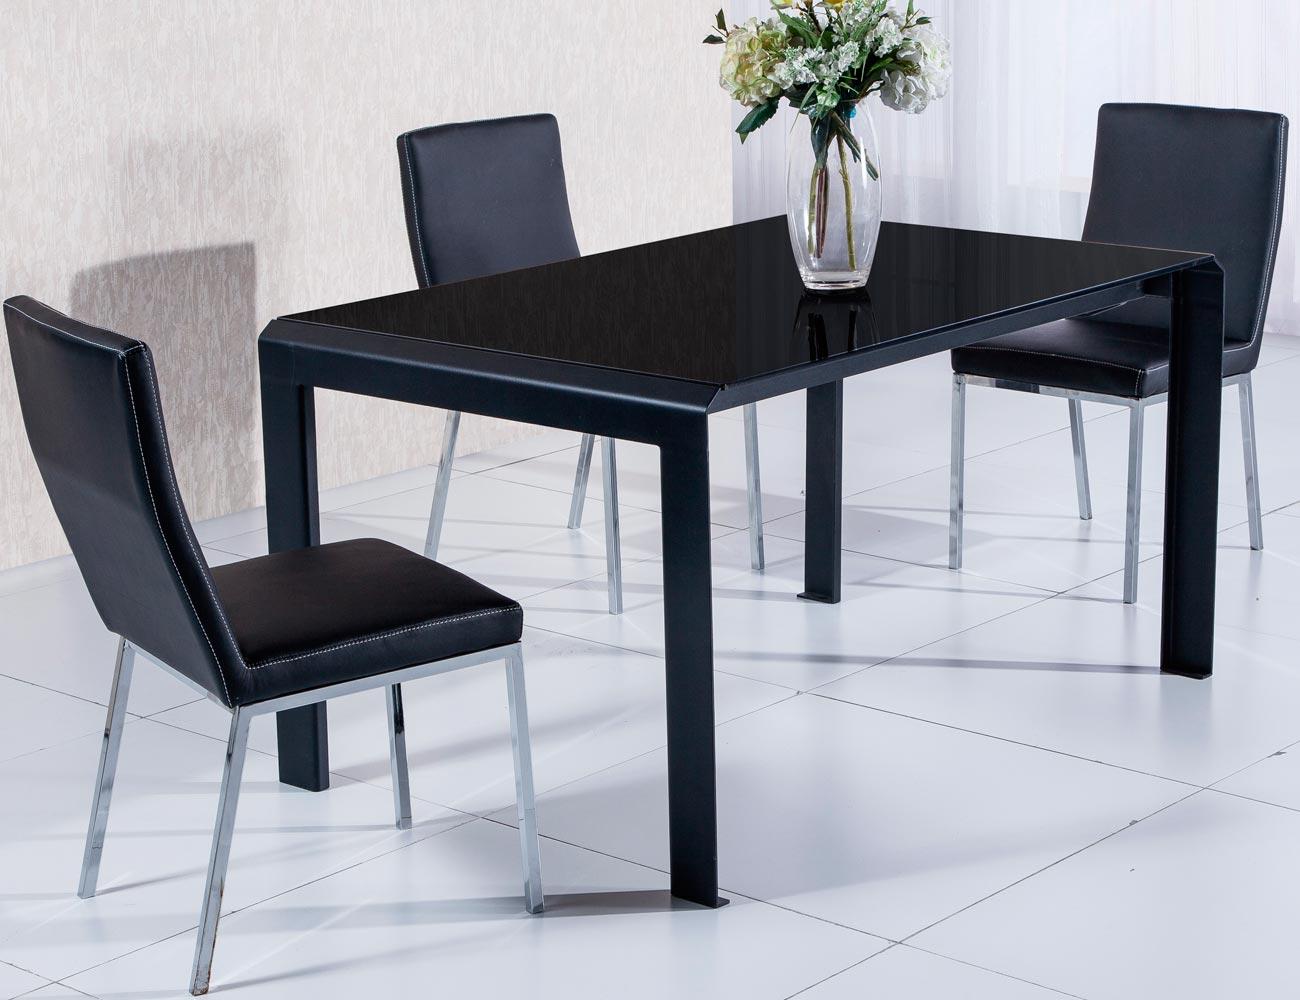 Mesa de comedor de cristal trendy mesa comedor cristal for Comedor ovalado extensible